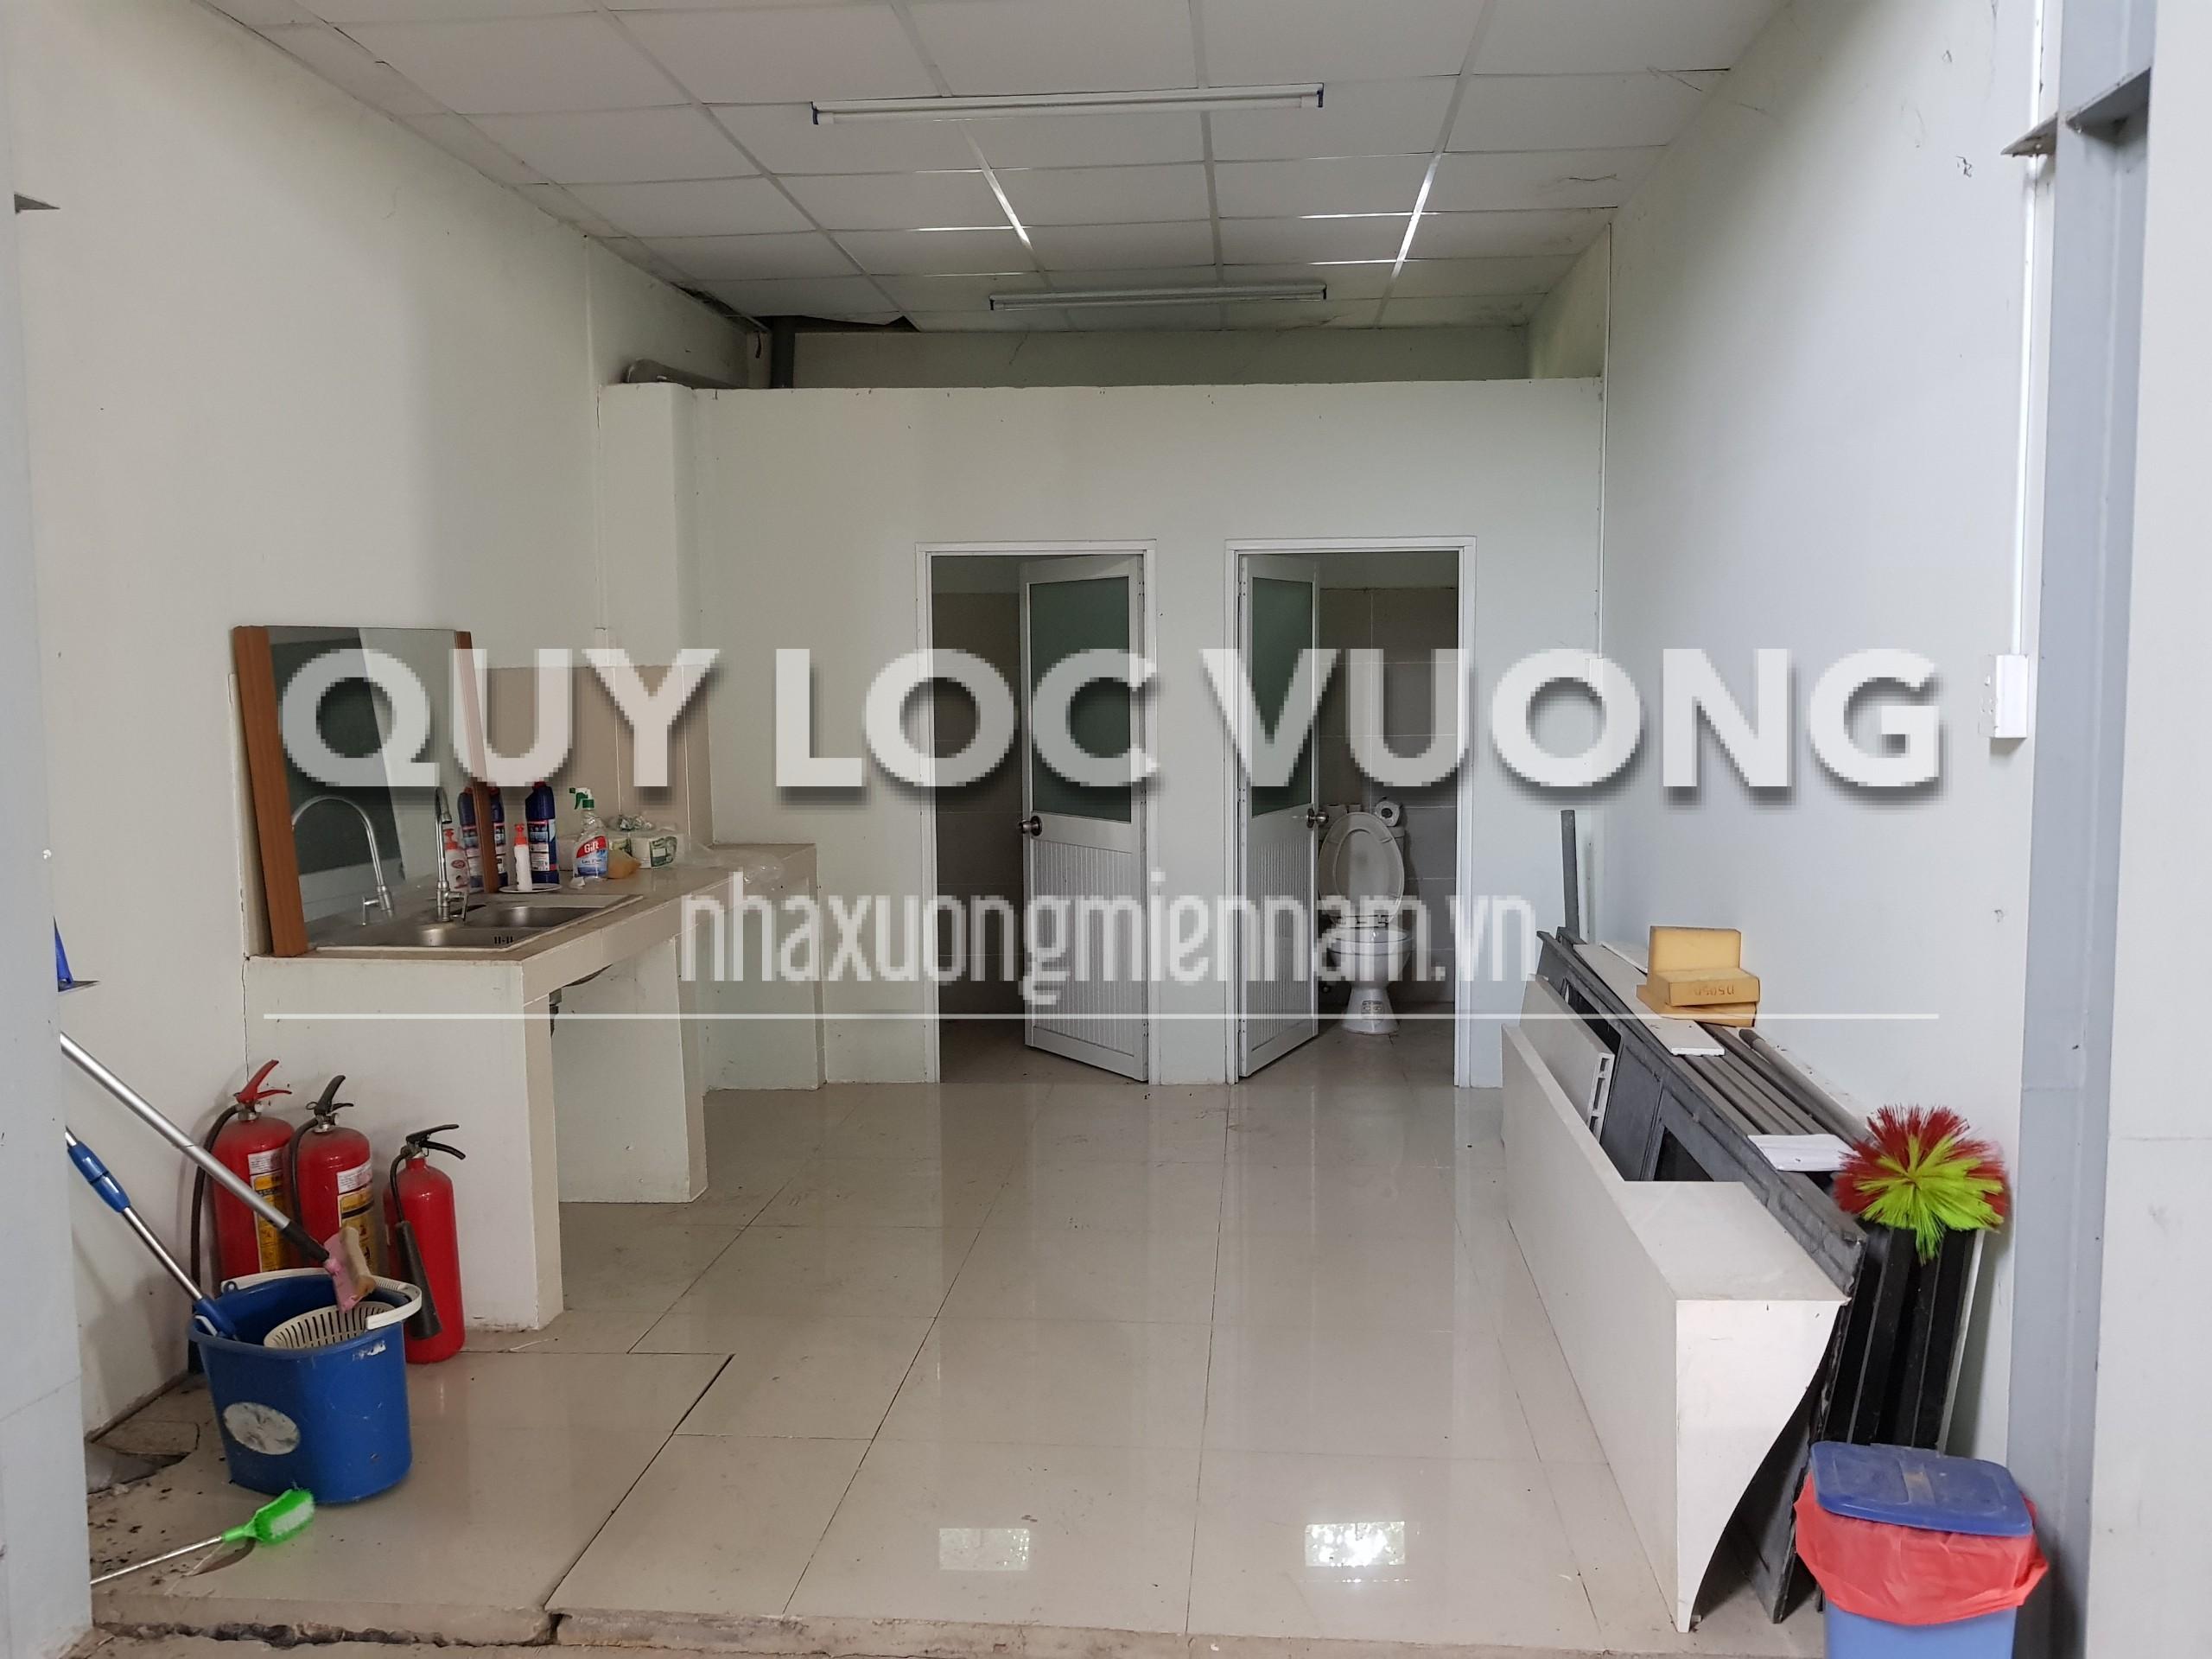 Cho thuê kho chứa đồ nội thất đường Phạm Ngọc Thạch Thủ Dầu Một, 900m2